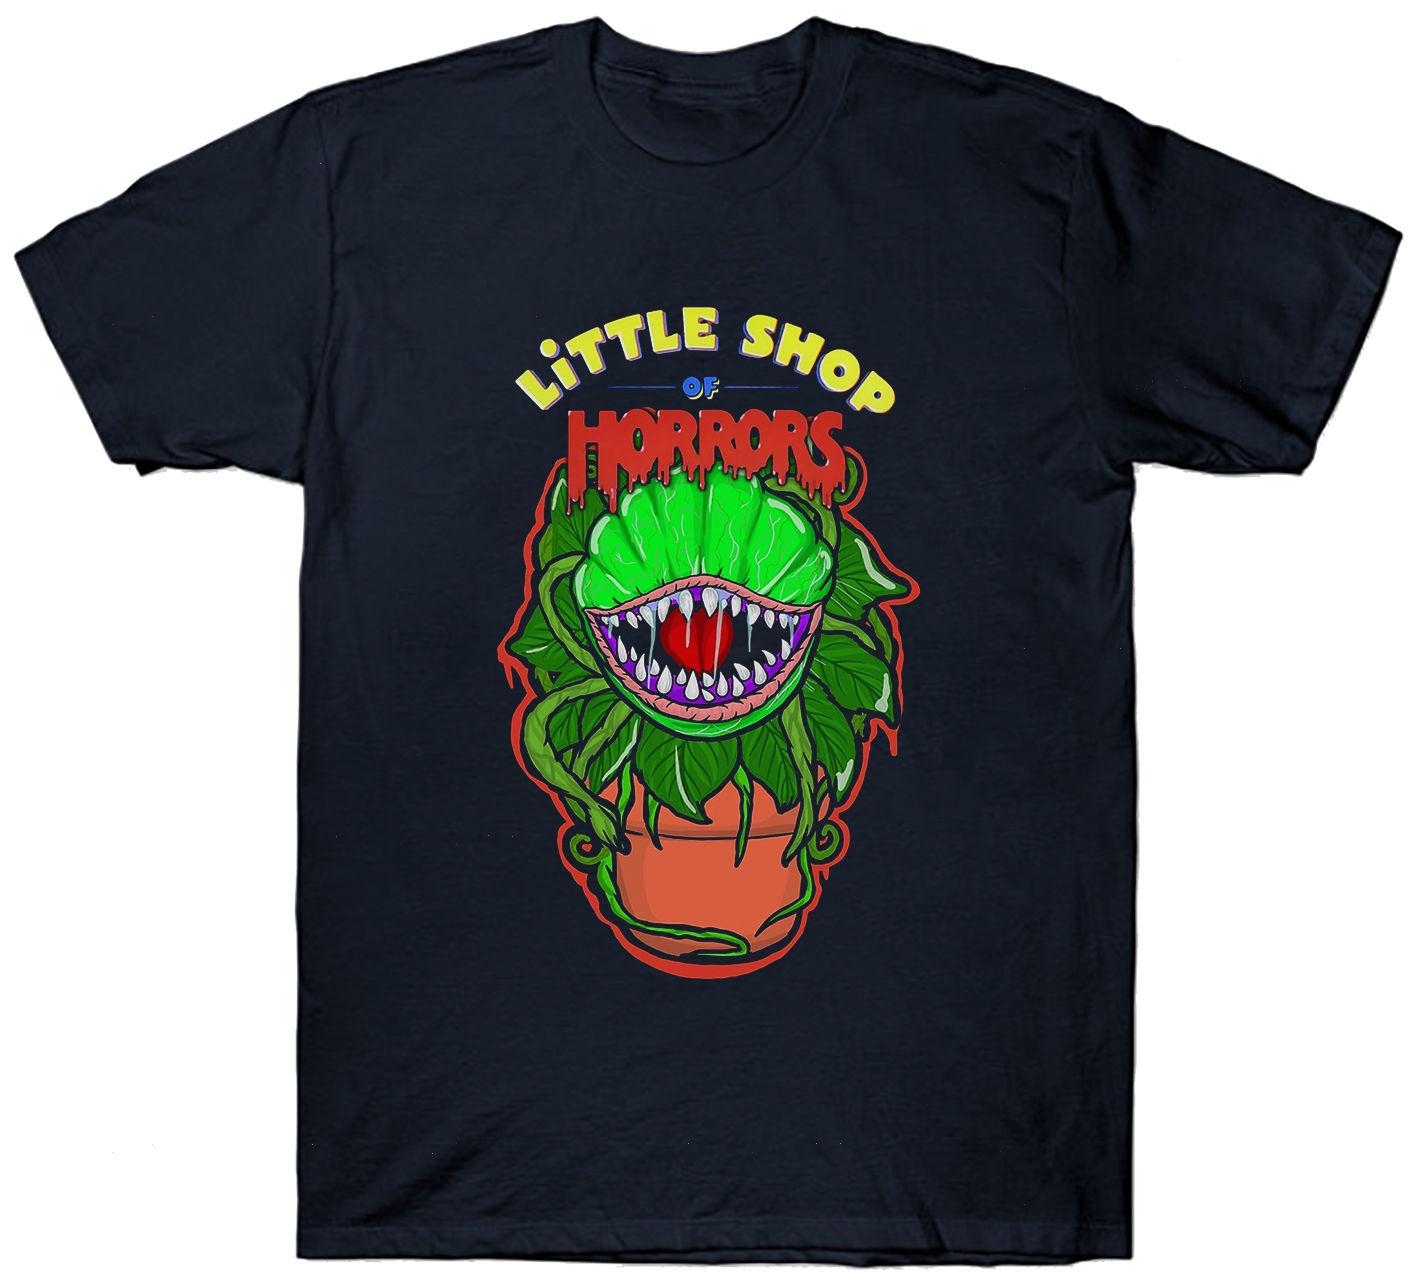 Little Shop Of Horrors T Shirt Top Cult Film Movie 1980 S Fan Horror Sci Fi